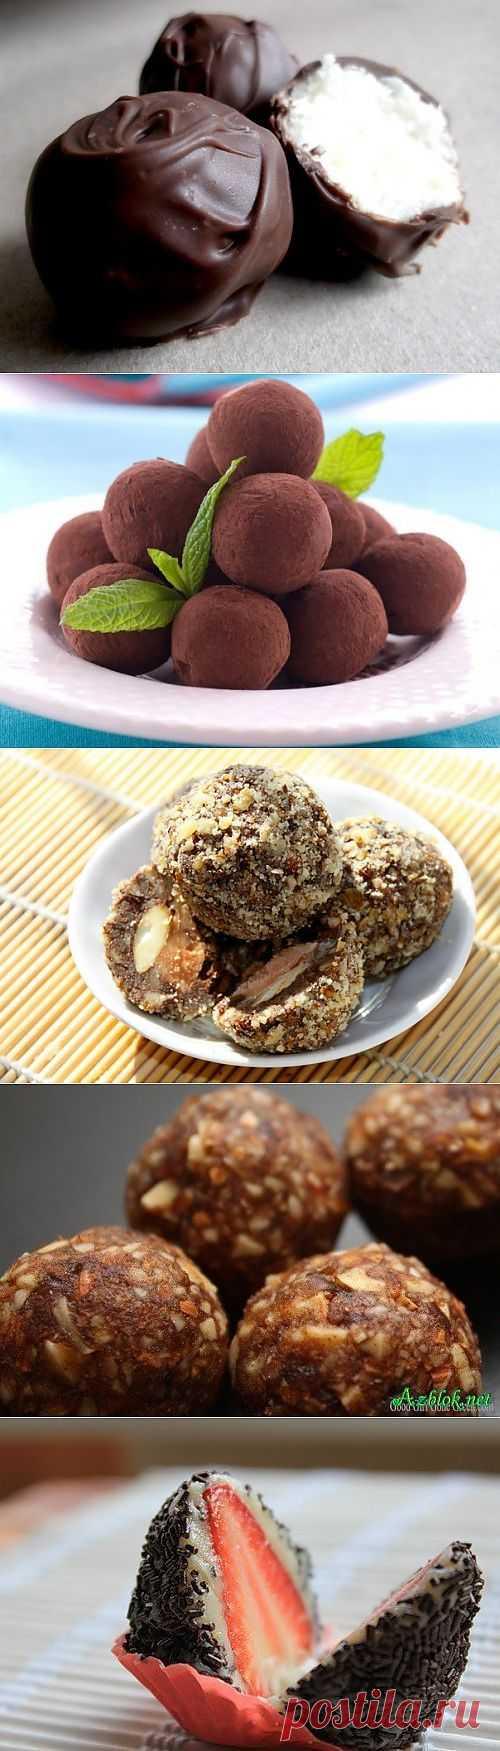 13 супер рецептов домашних конфет. .